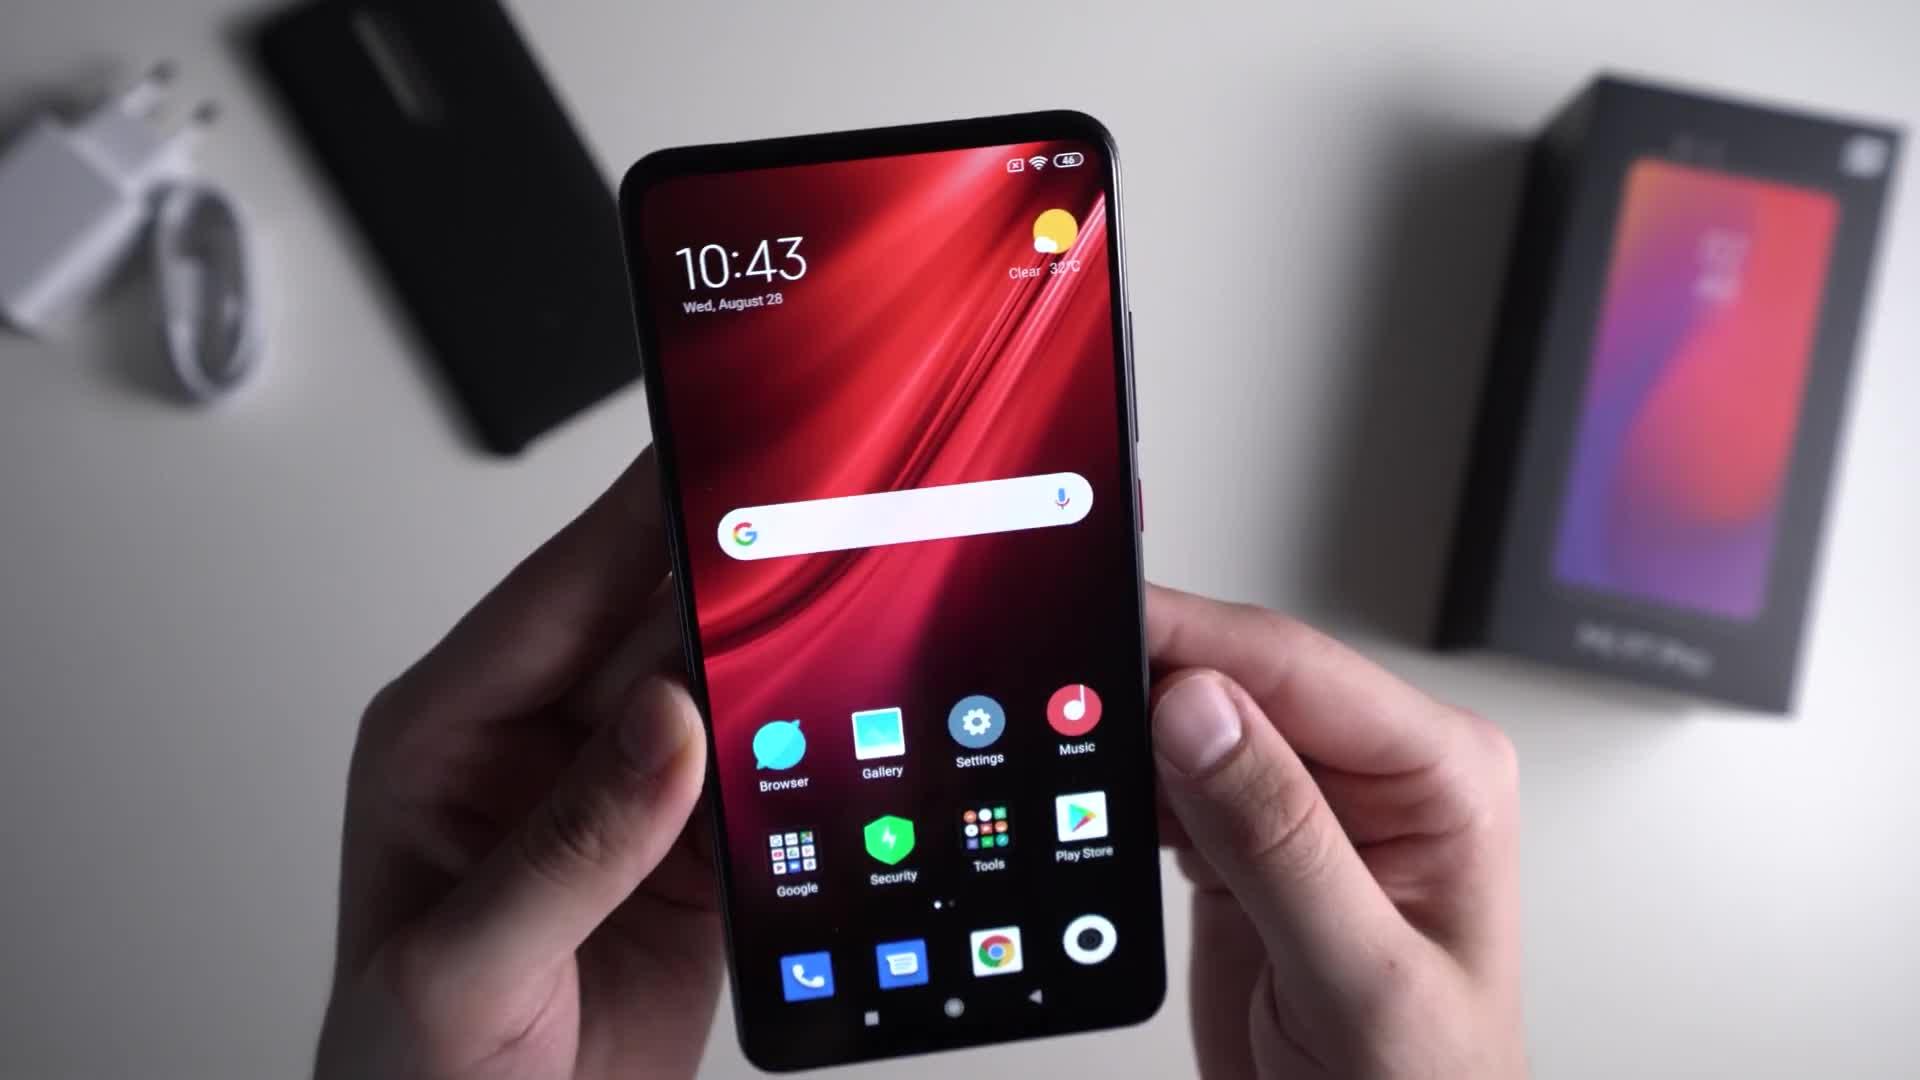 Smartphone, Android, Xiaomi, Andrzej Tokarski, Tabletblog, Unboxing, Xiaomi Mi 9T Pro, Xiaomi Redmi K20 Pro, Redmi K20 Pro, Mi 9T Pro